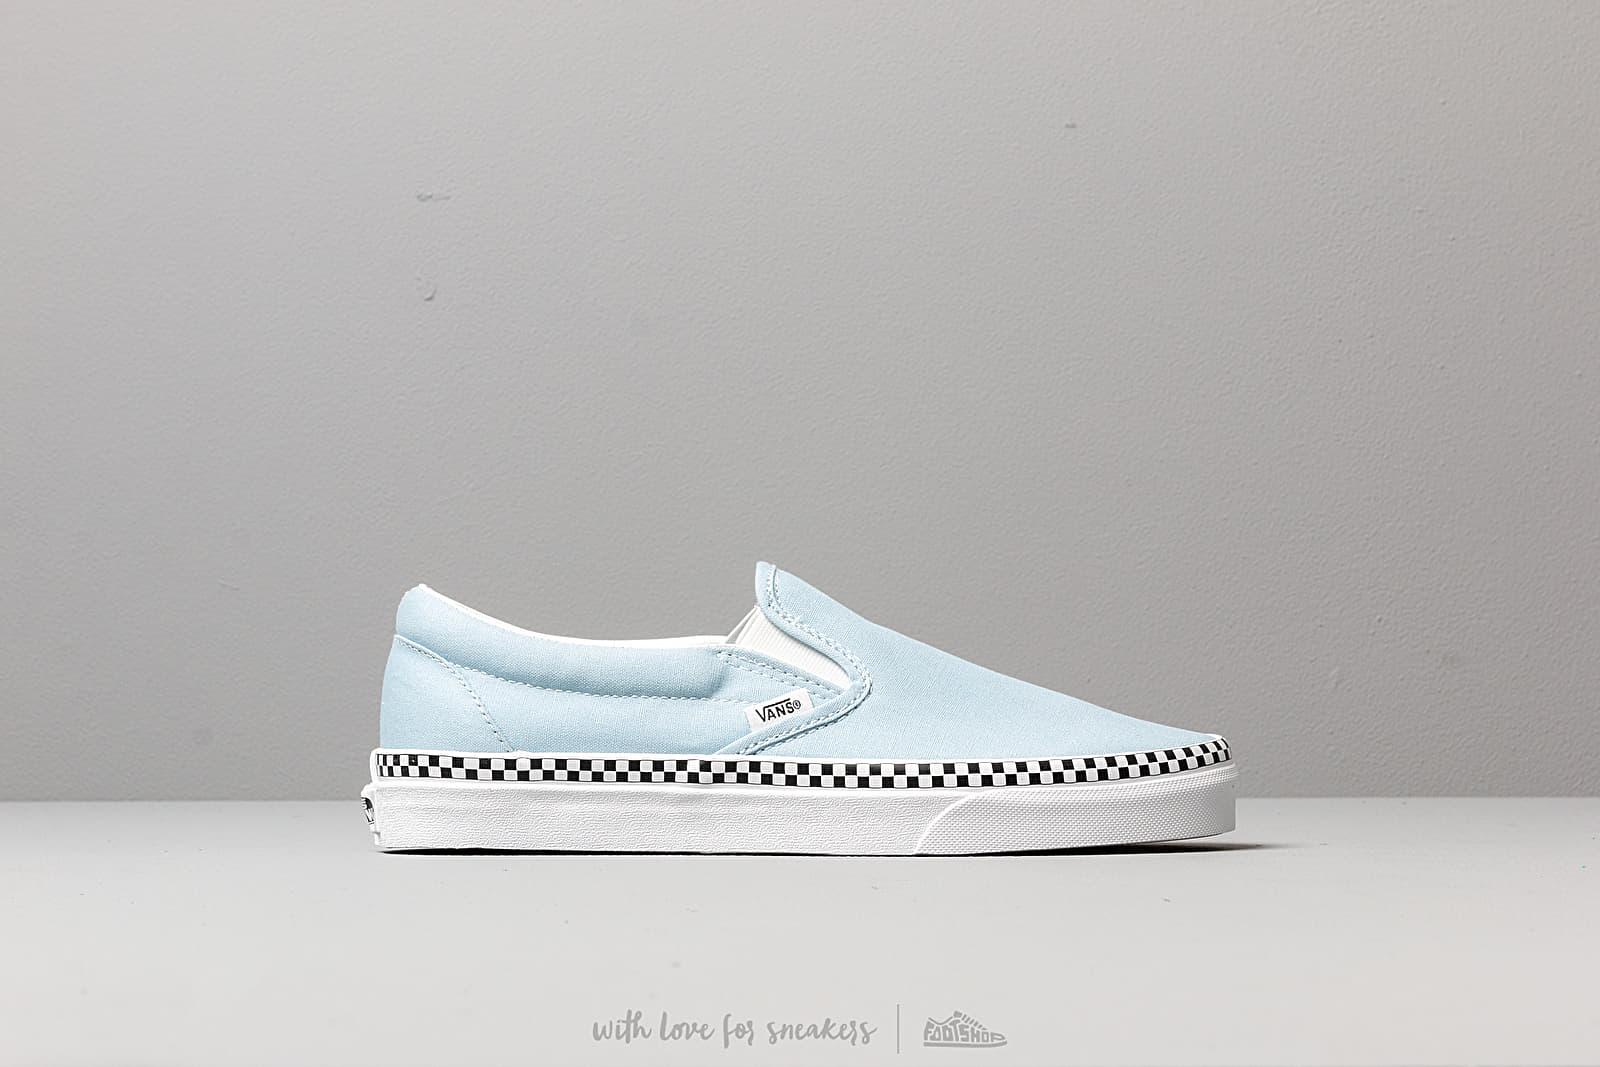 8c67e08c8006 Vans Classic Slip-On (Check Foxing) Cool Blue | Footshop